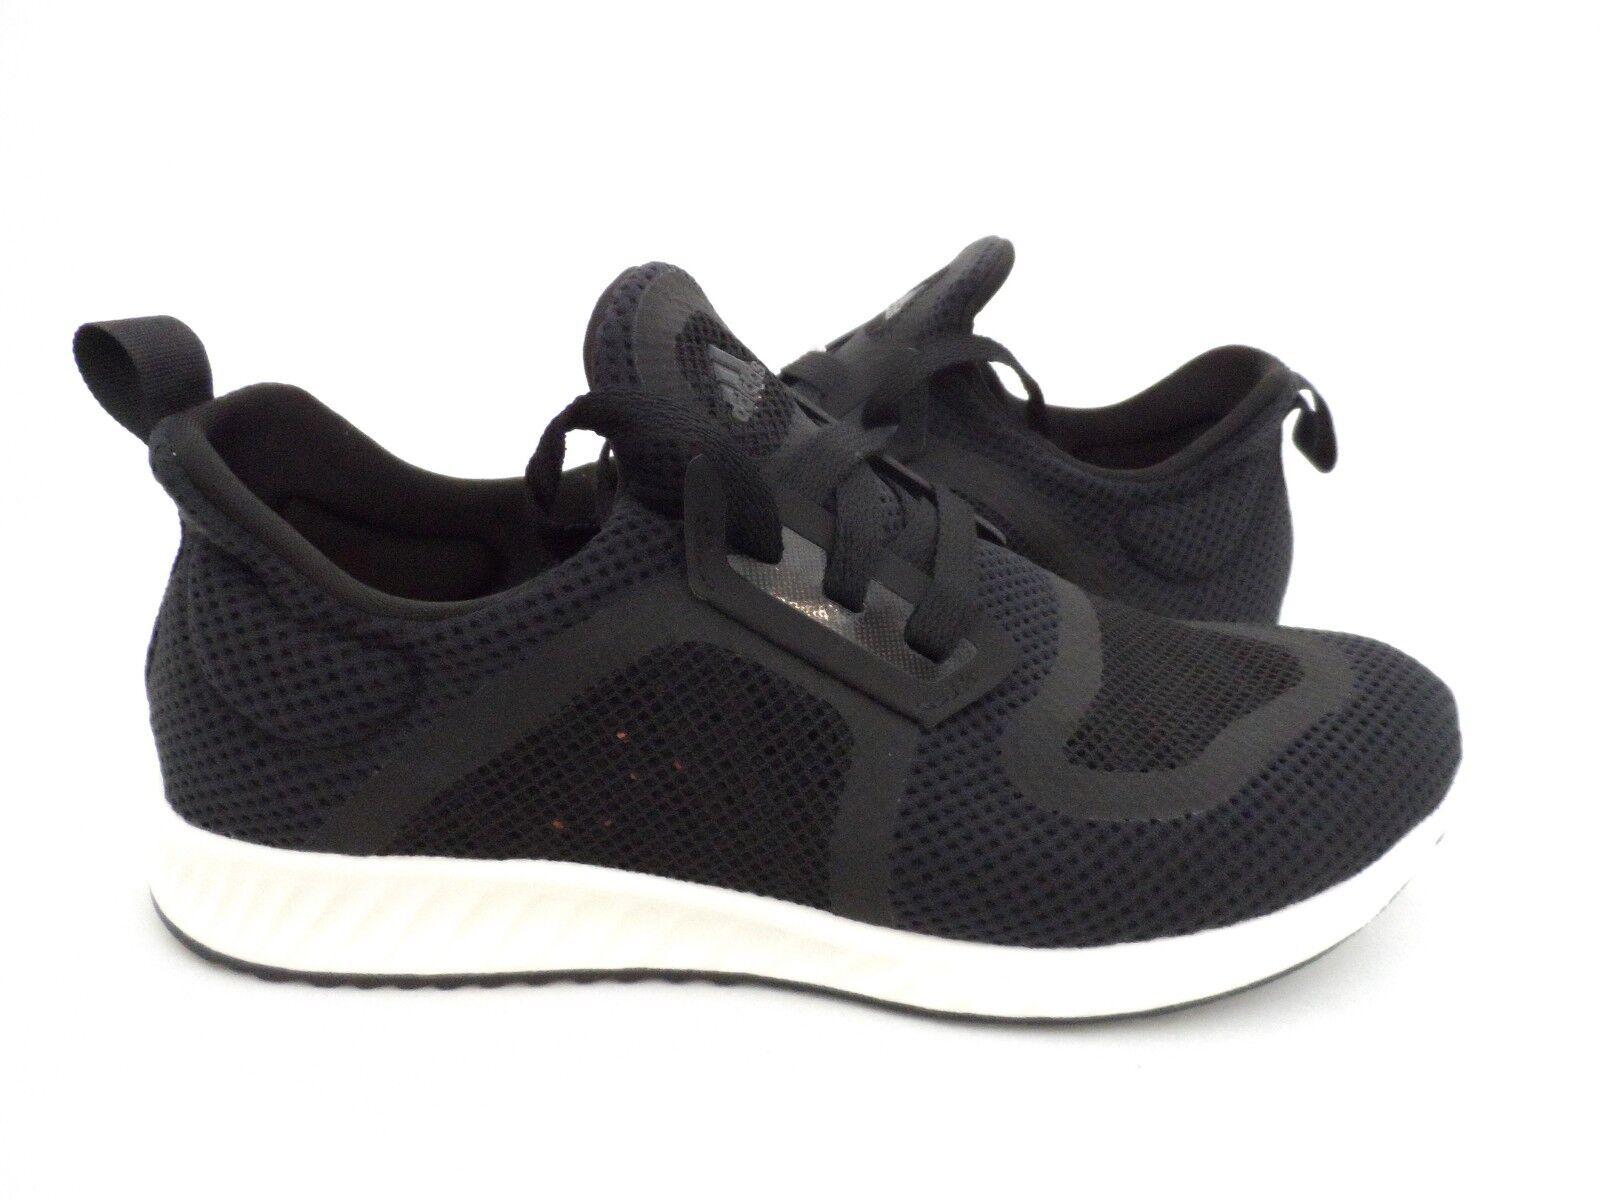 Adidas Donna Edge Lusso Clima Scarpe da Corsa Nero Bianca Taglia | Di Qualità Superiore  | Uomini/Donna Scarpa